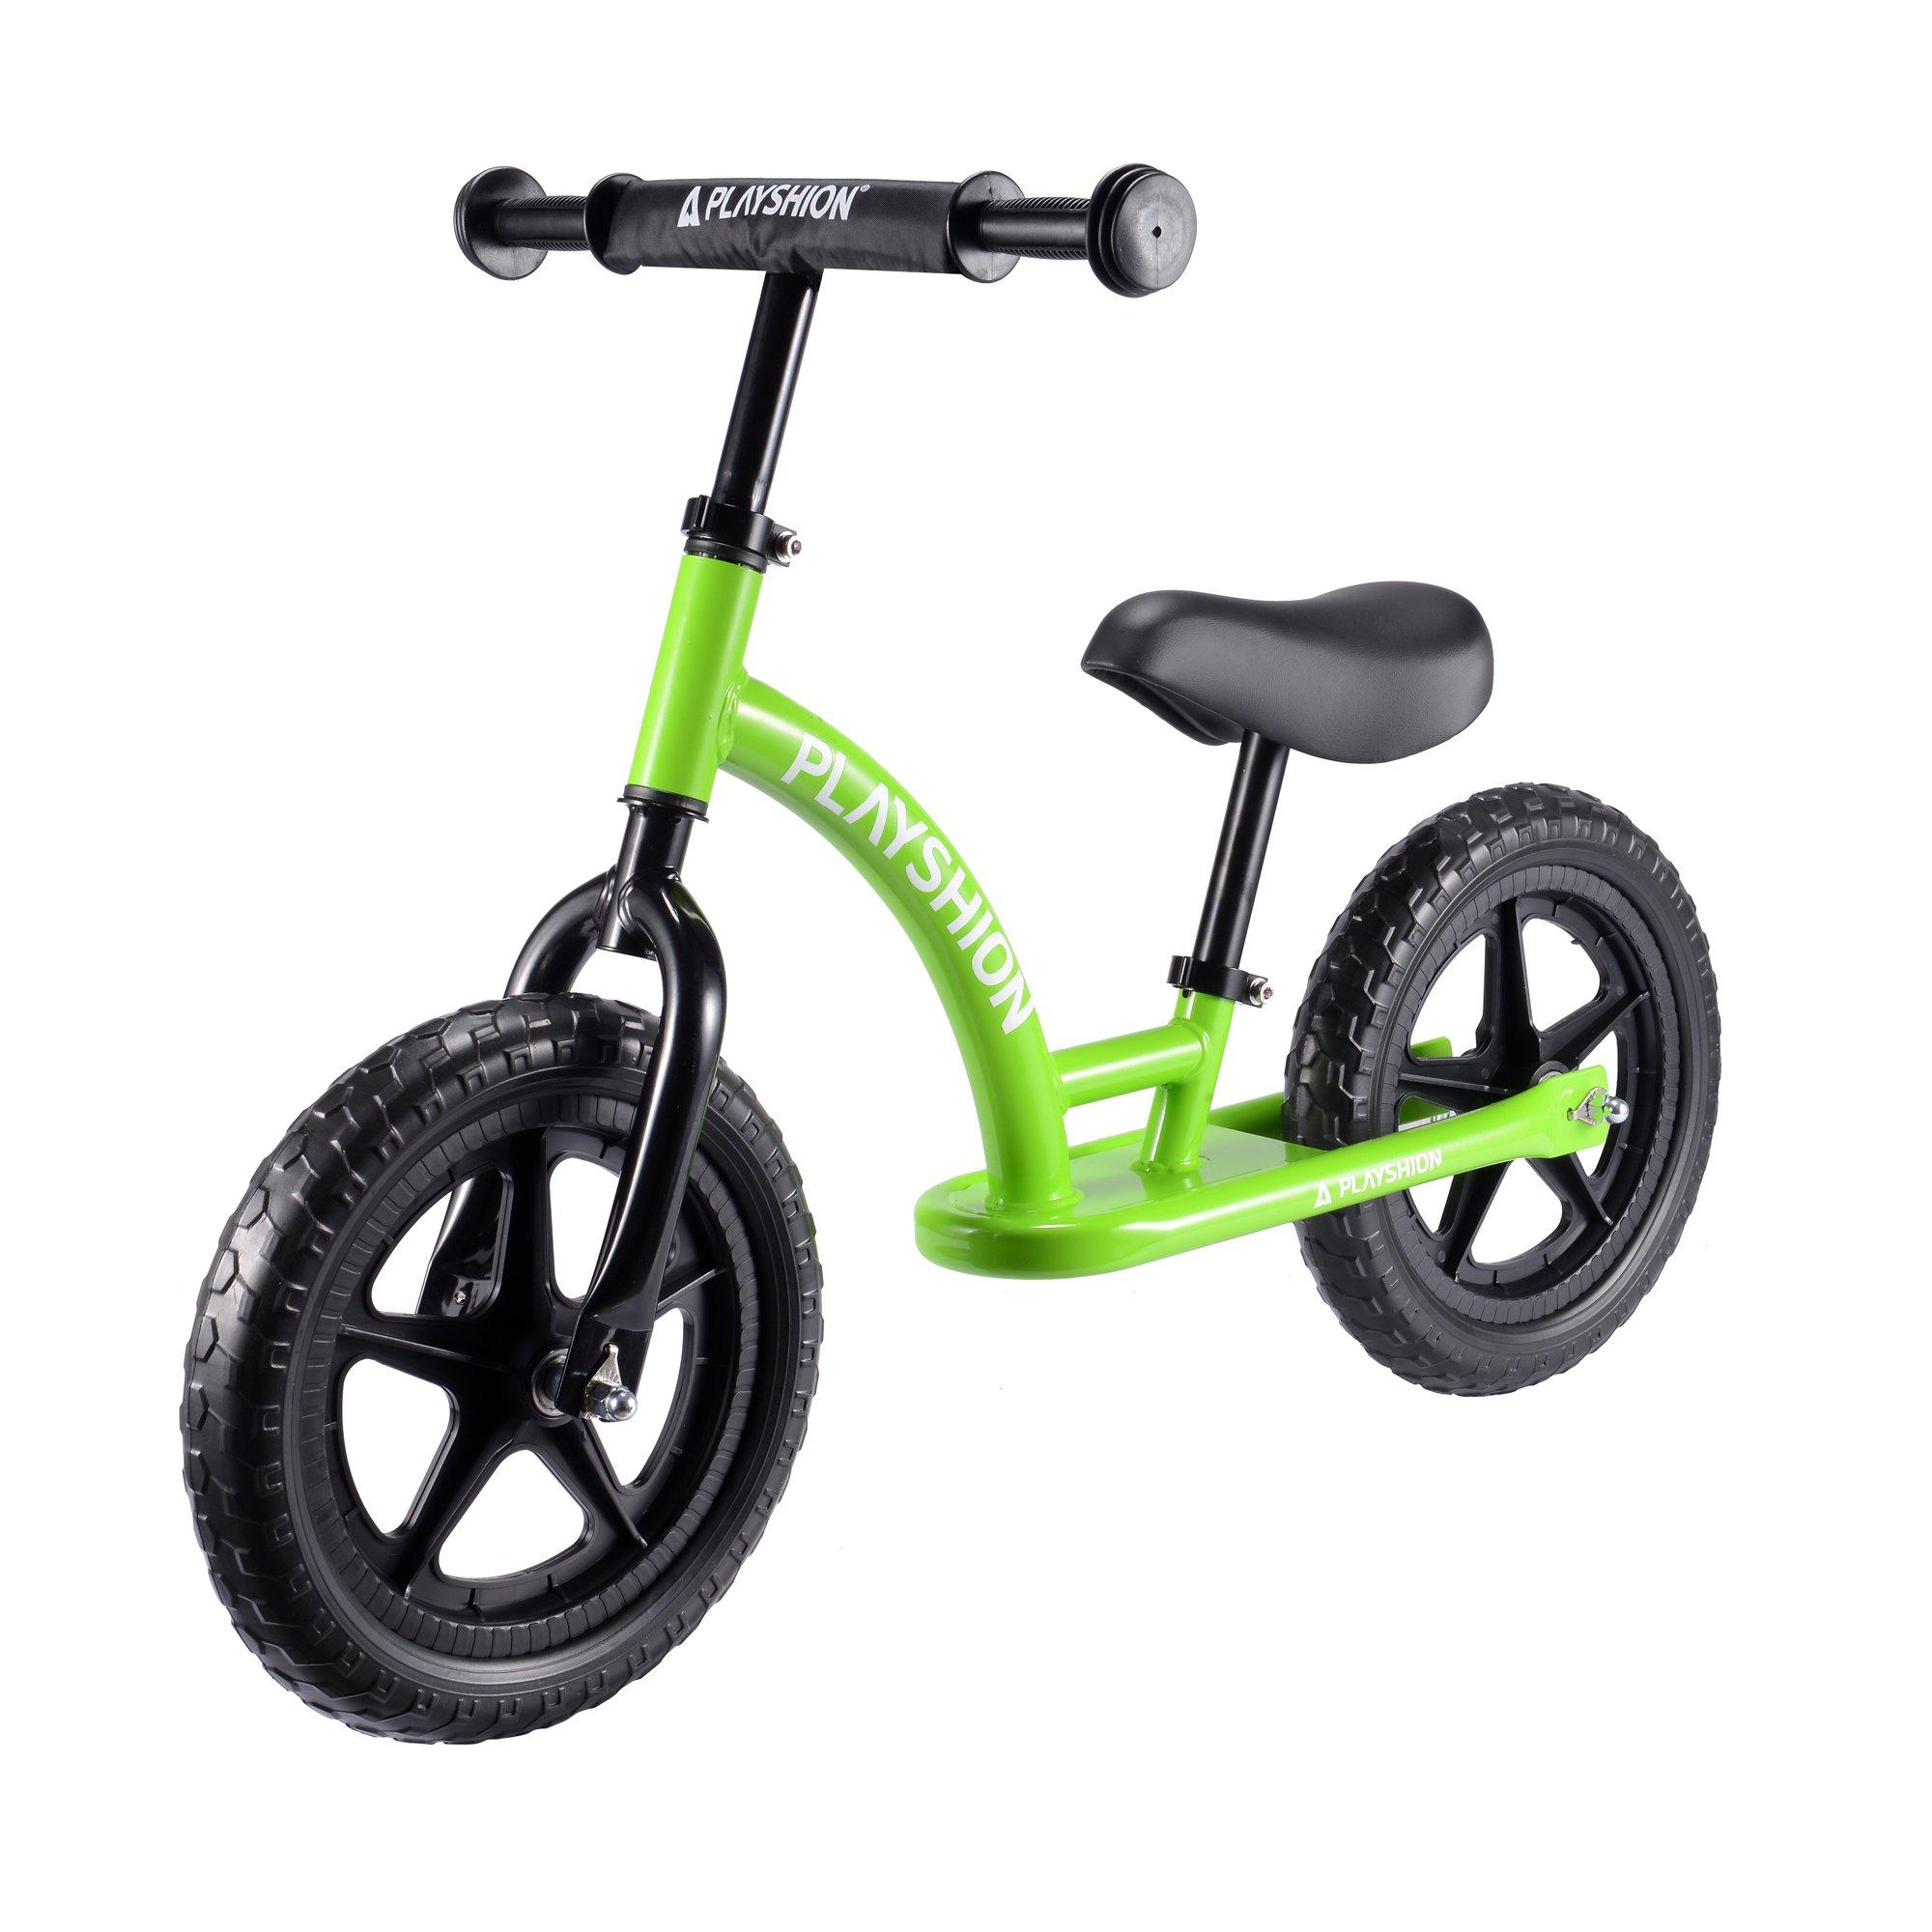 Playshion Kids Balance Bike (green)